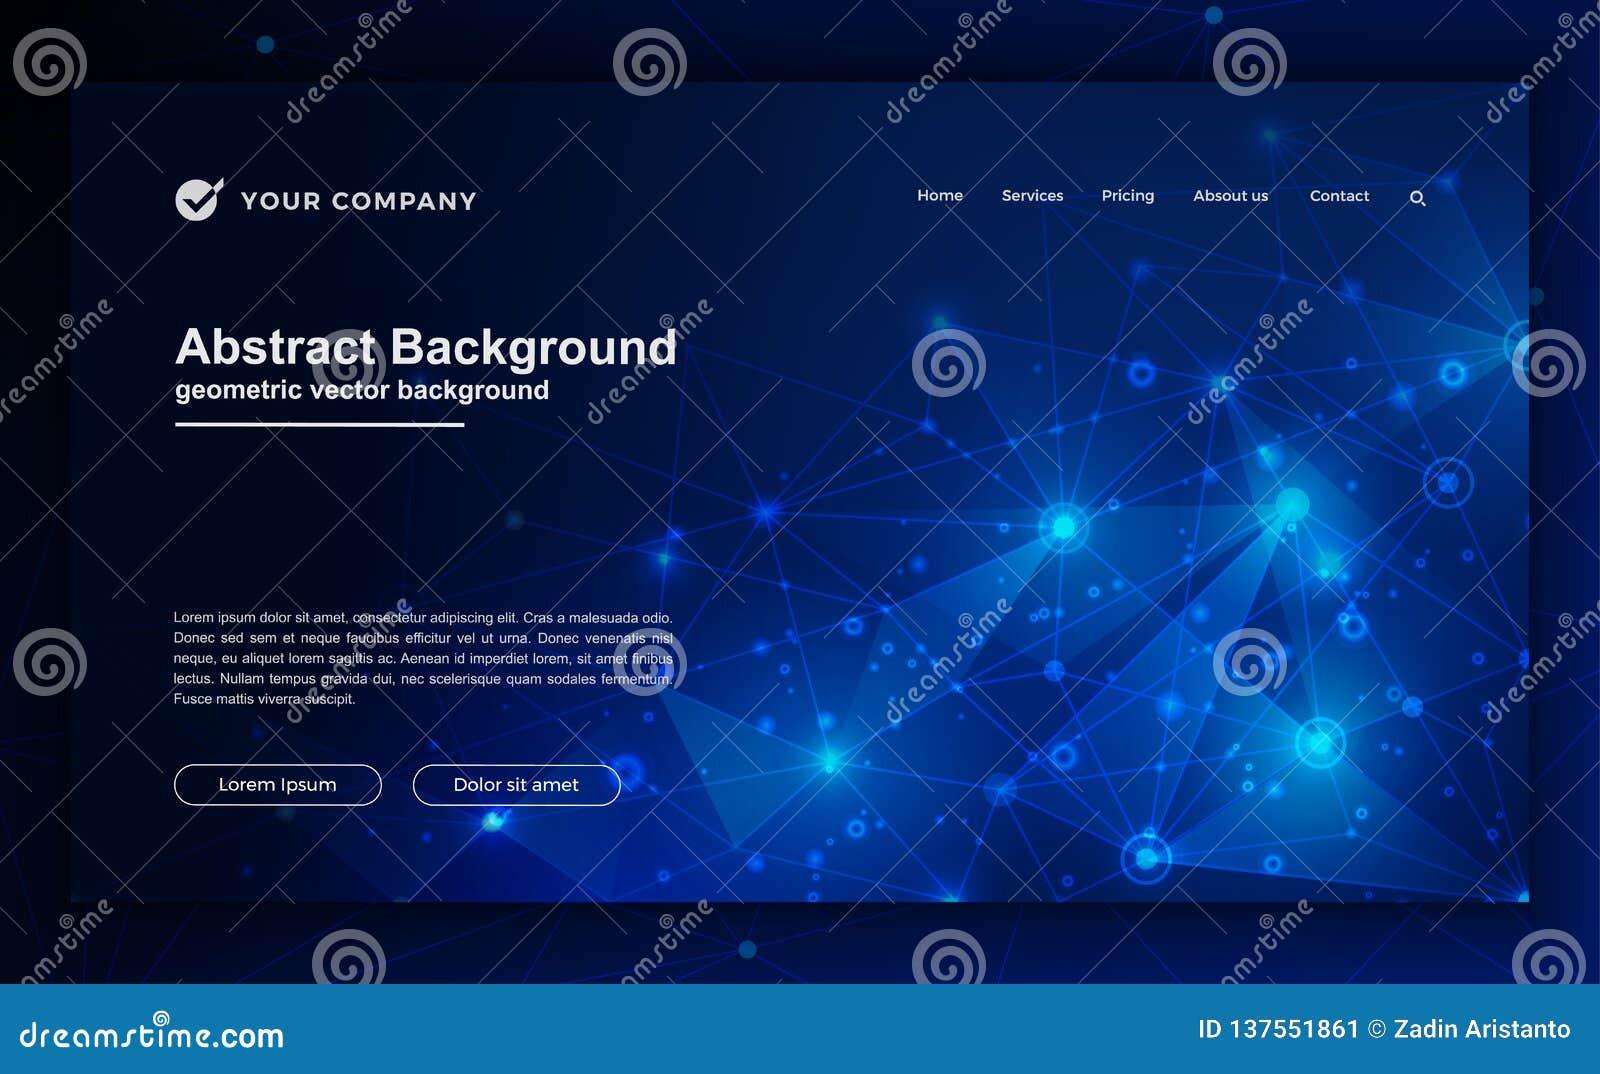 Tecnología, ciencia, fondo futurista para los diseños de la página web Extracto, fondo moderno para su diseño de aterrizaje de la